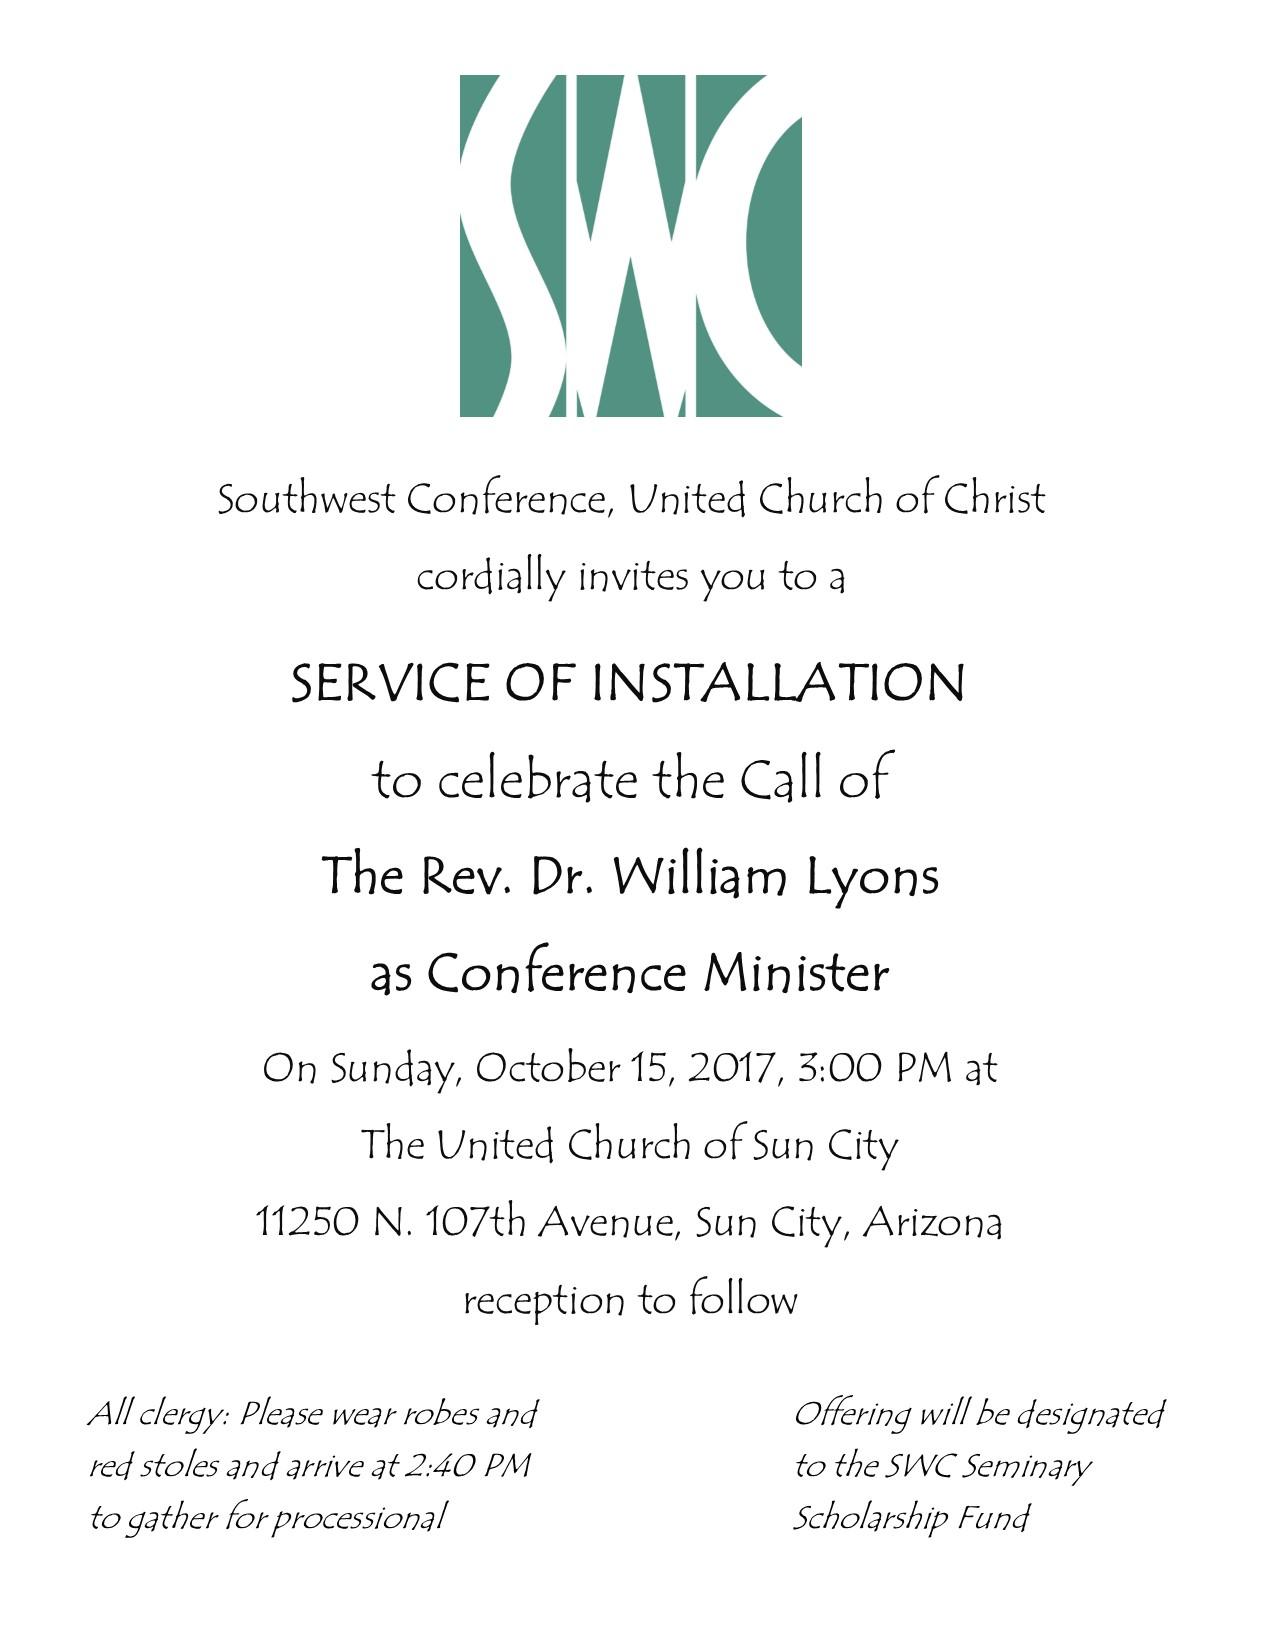 bill installation service invitation full page.jpg